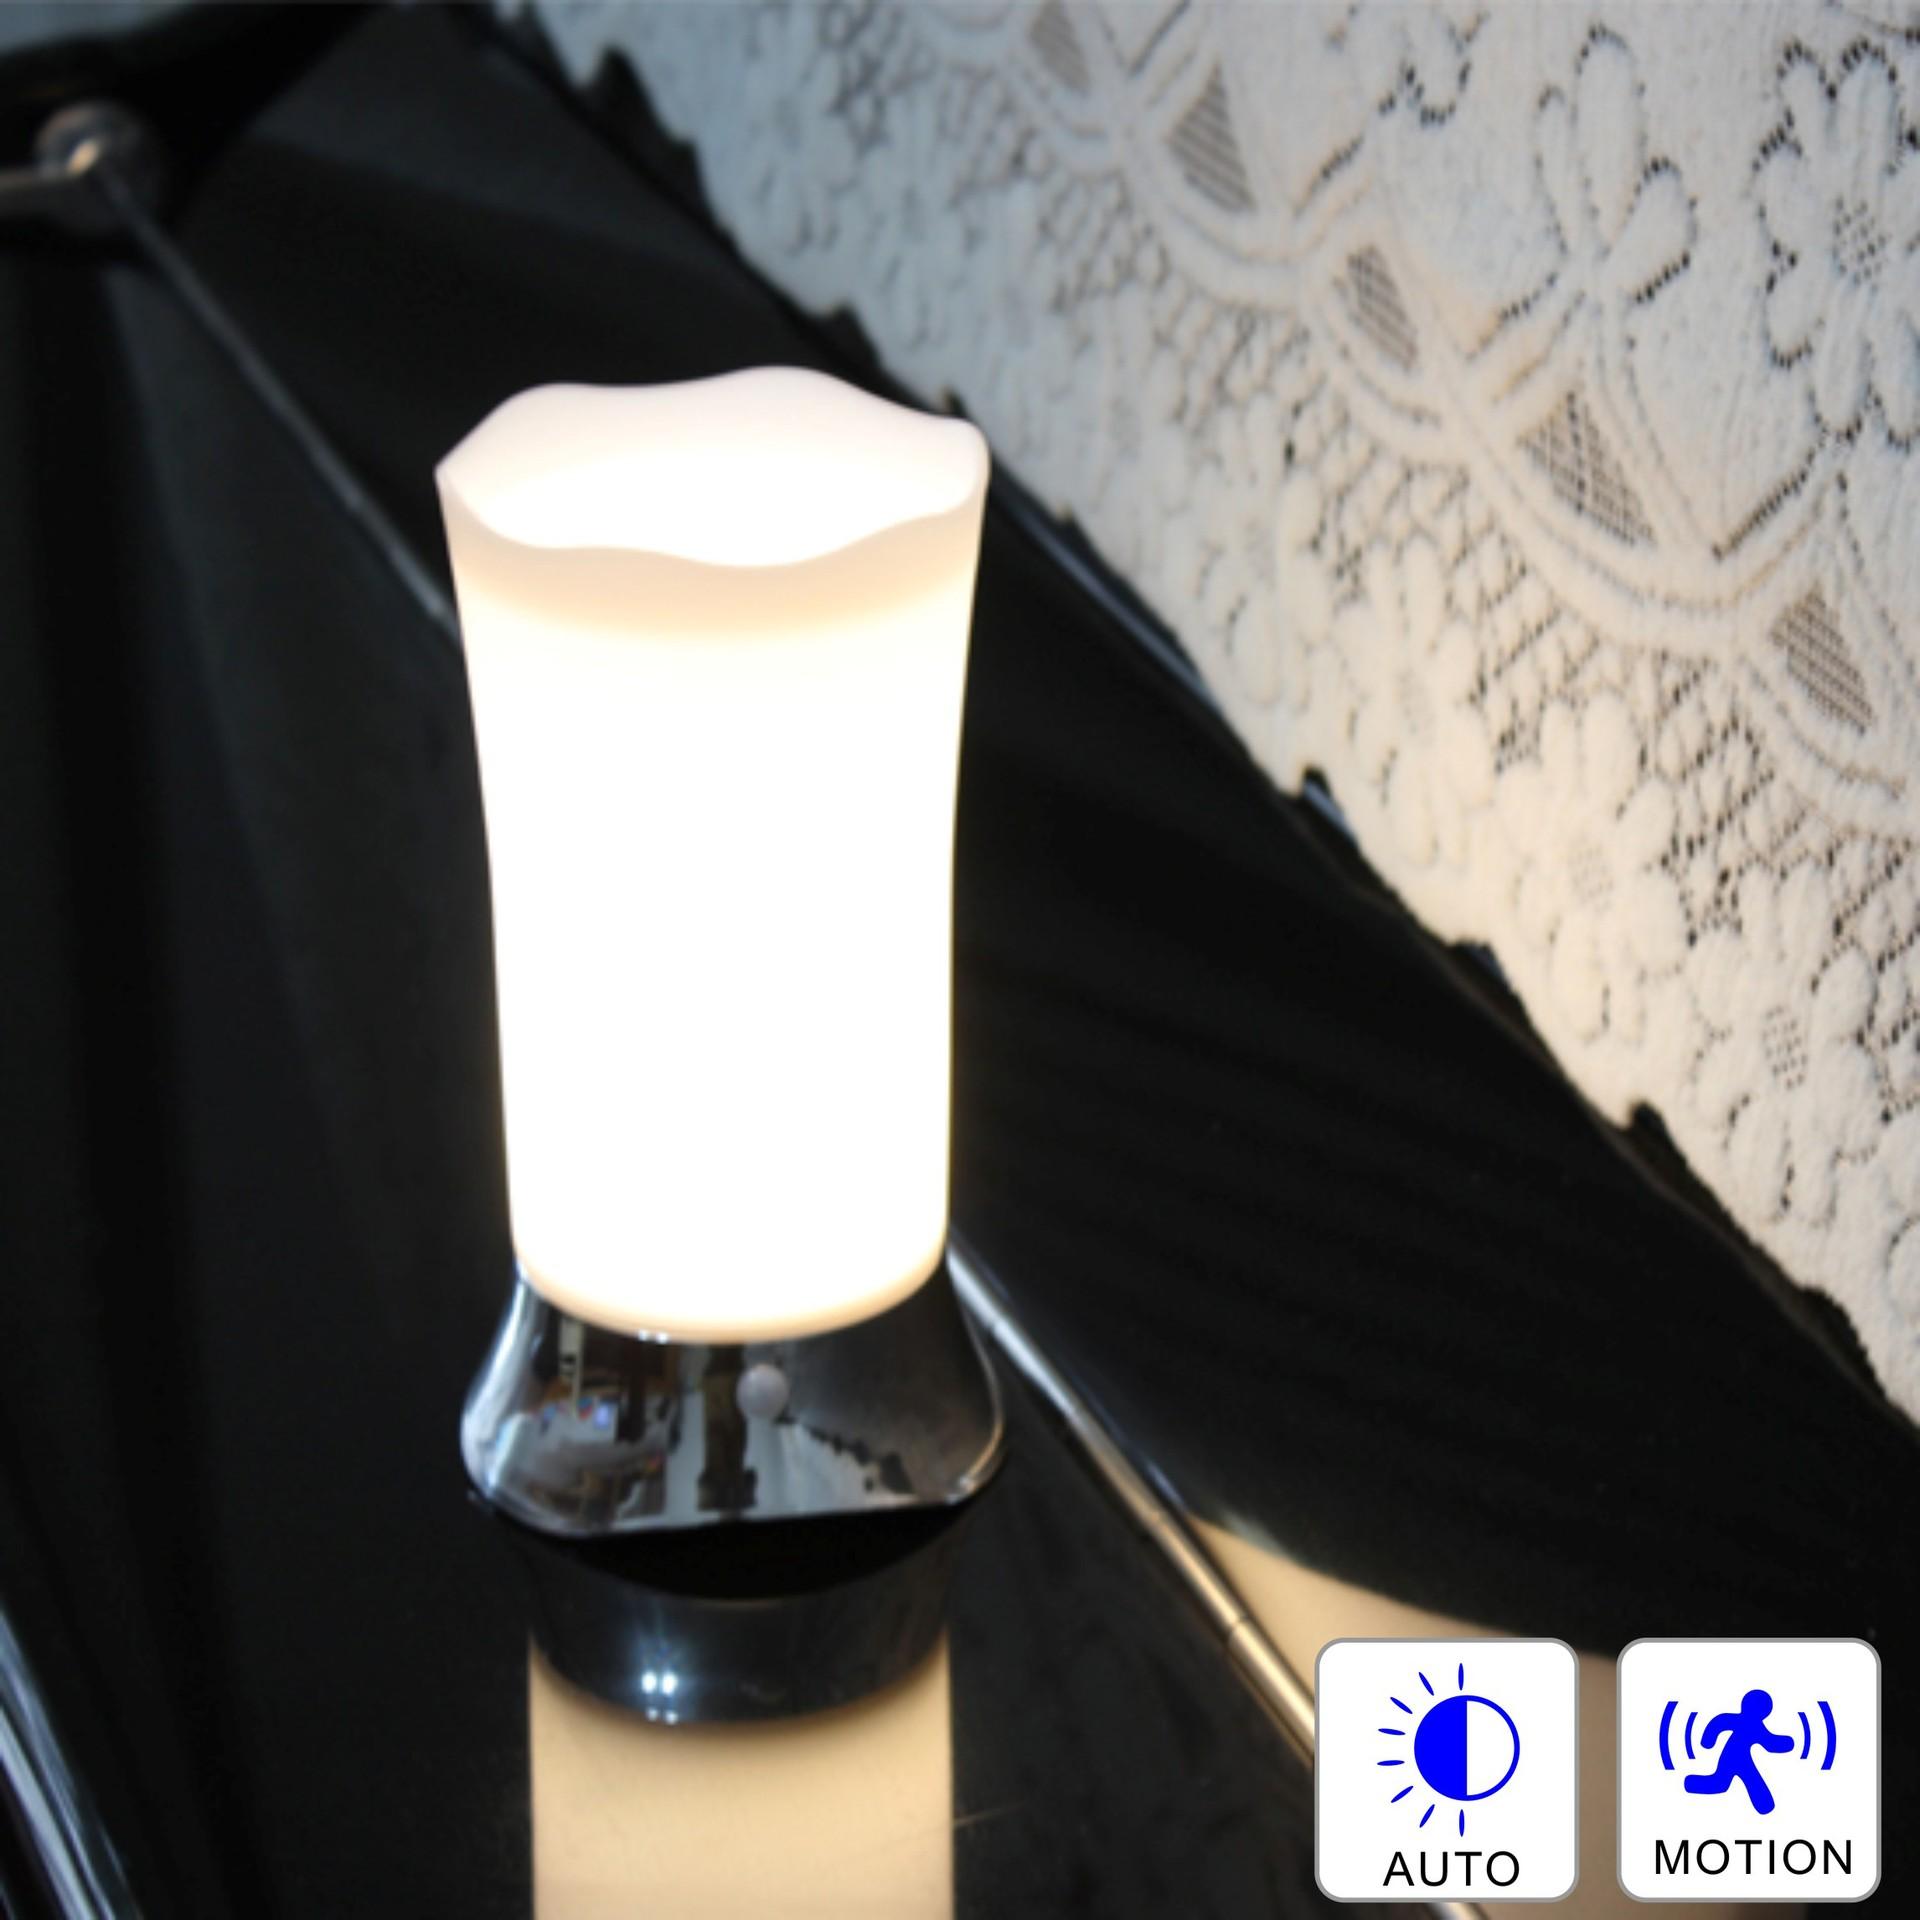 花边形人体感应台式小夜灯木纹喷漆银色亚马逊ebay跨境平台热销